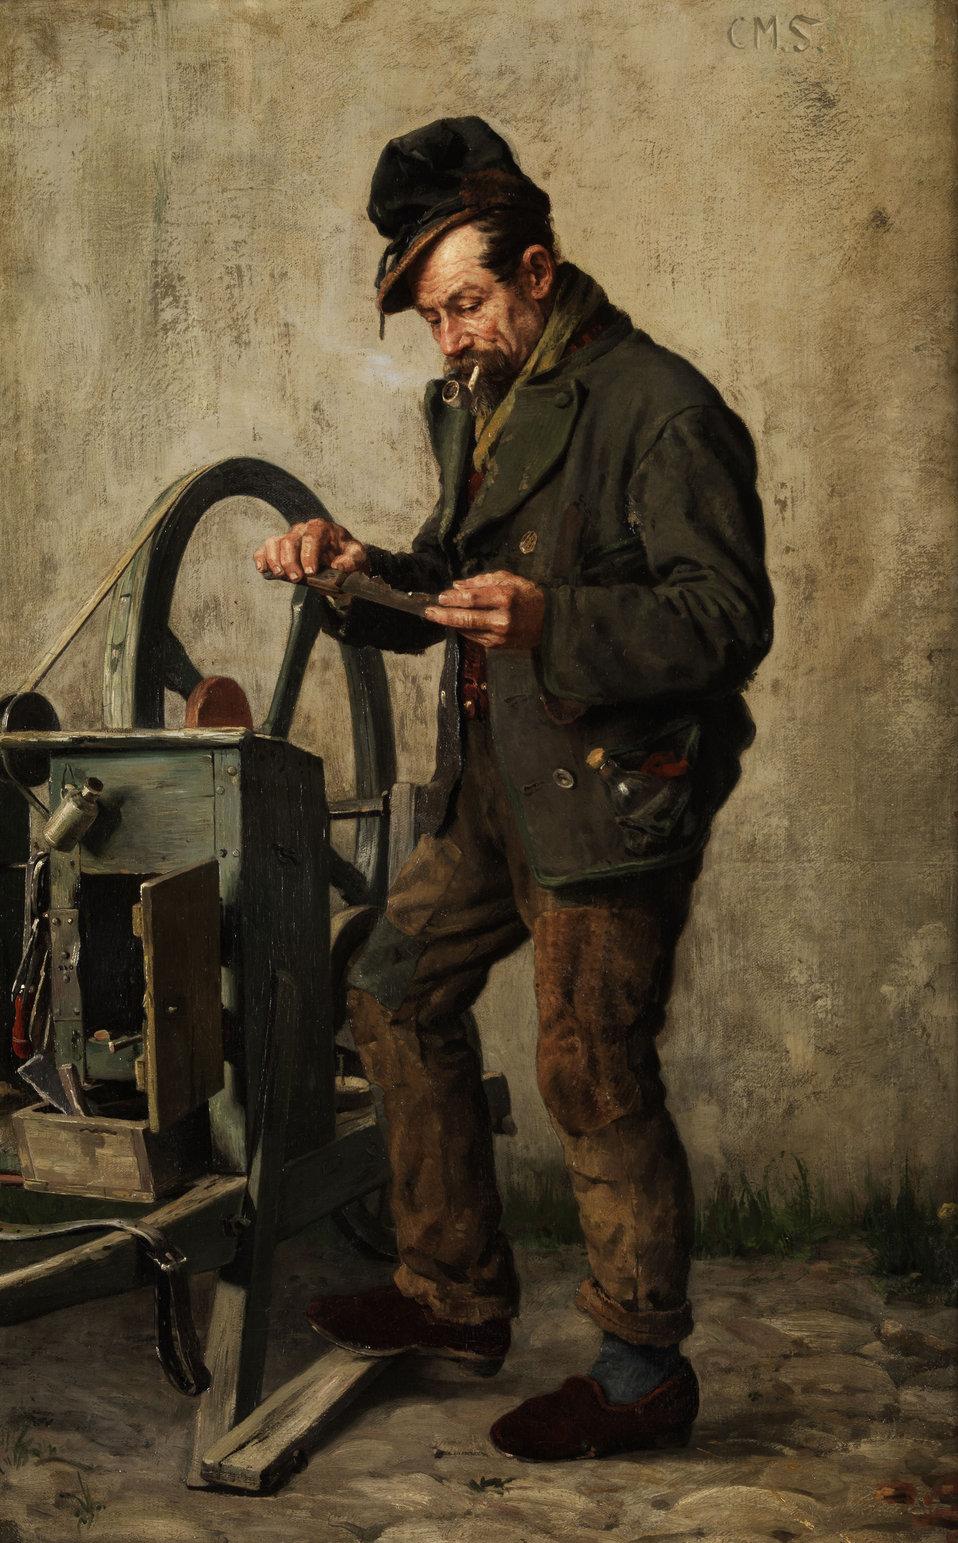 """Der Messerschleifer. Öl auf Leinwand. 72,5 x 47 cm. Von Signatur noch Monogramm """"C. M. S."""" übrig."""